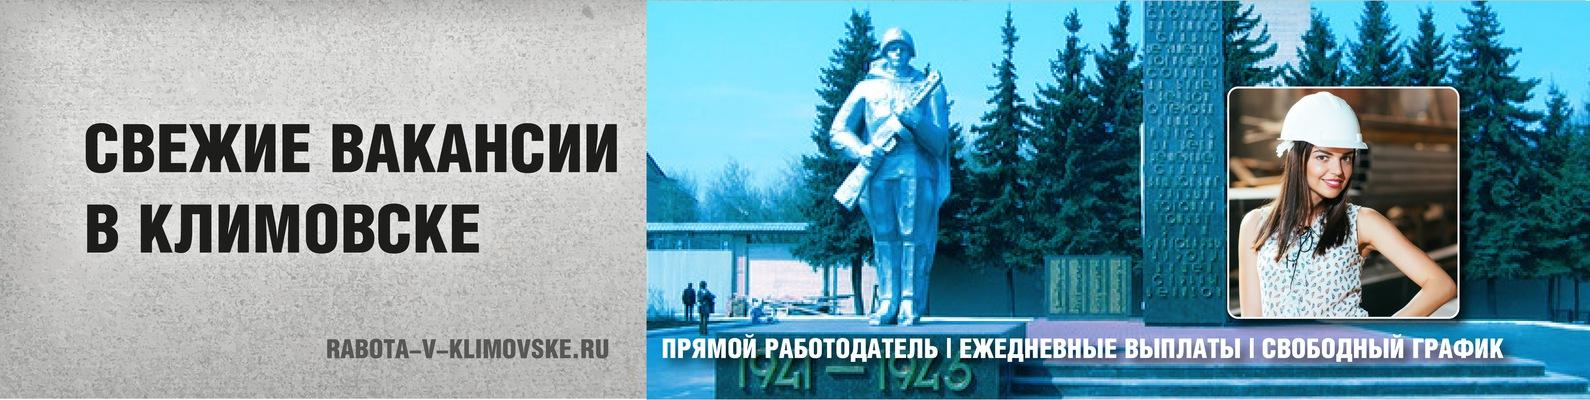 Вакансии удаленной работы на дому в климовске удаленная работа на дому через интернет россия